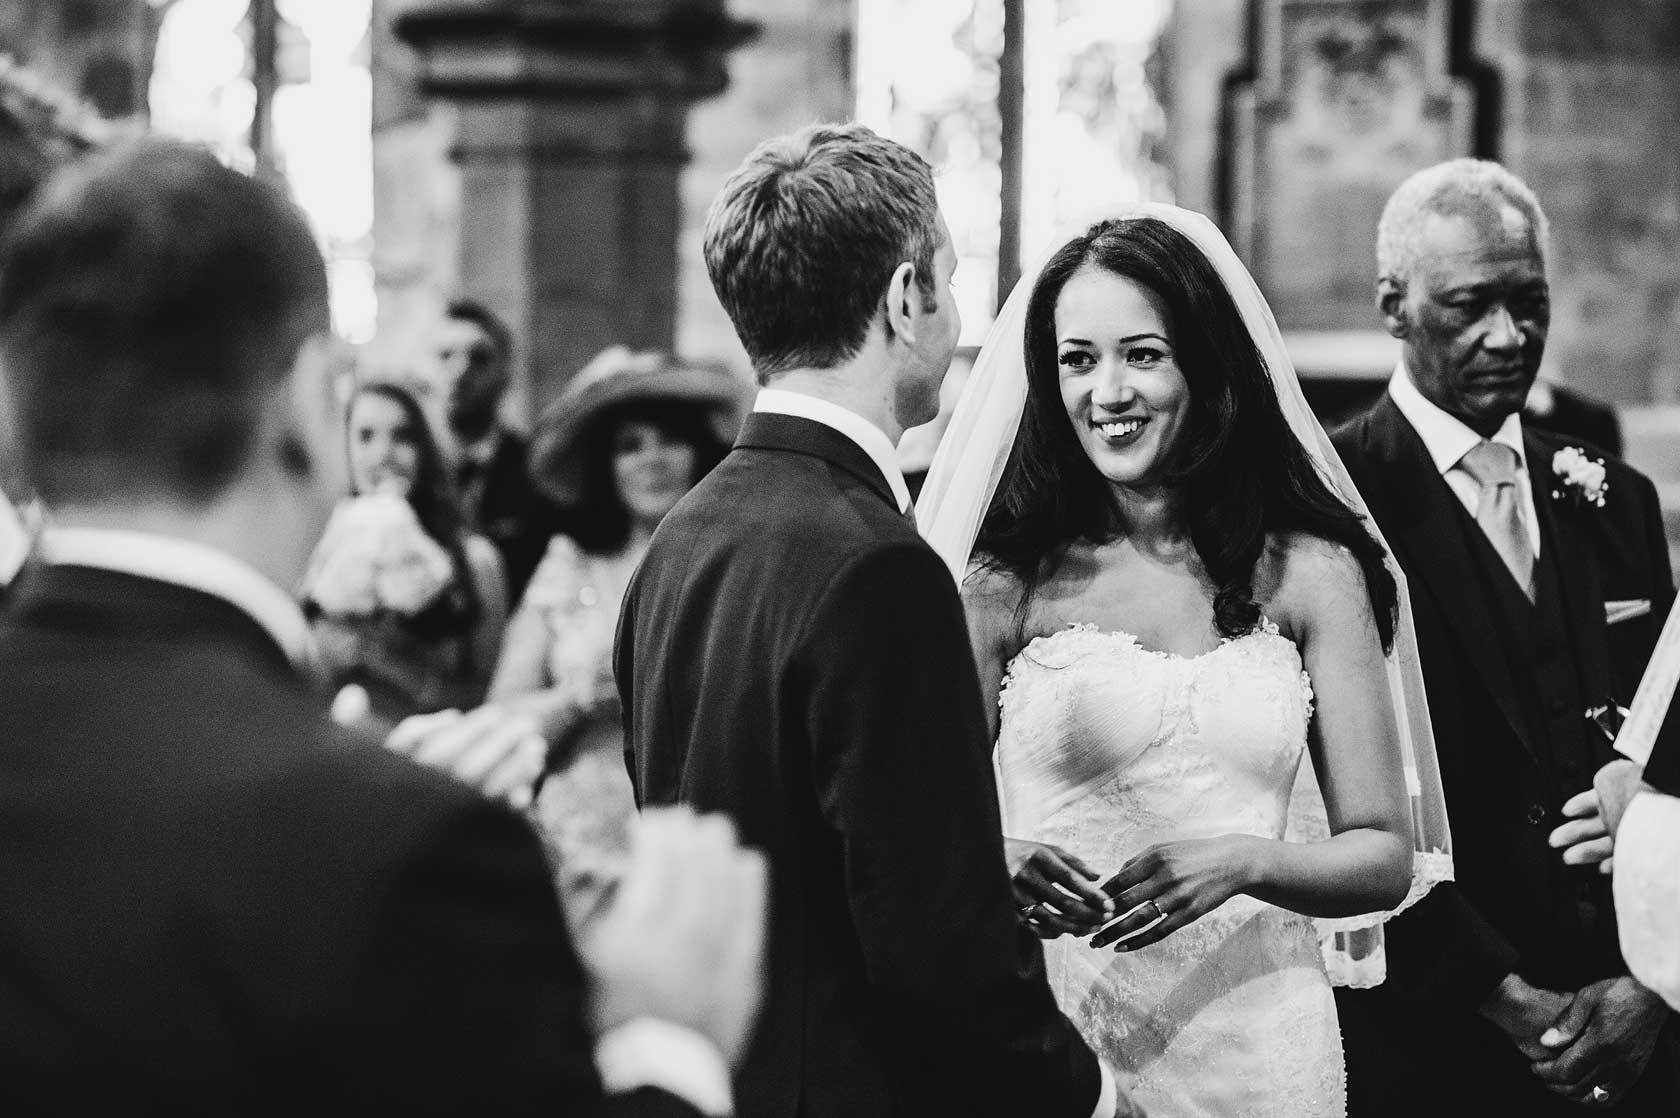 Wedding Photojournalism at Osmaston Park